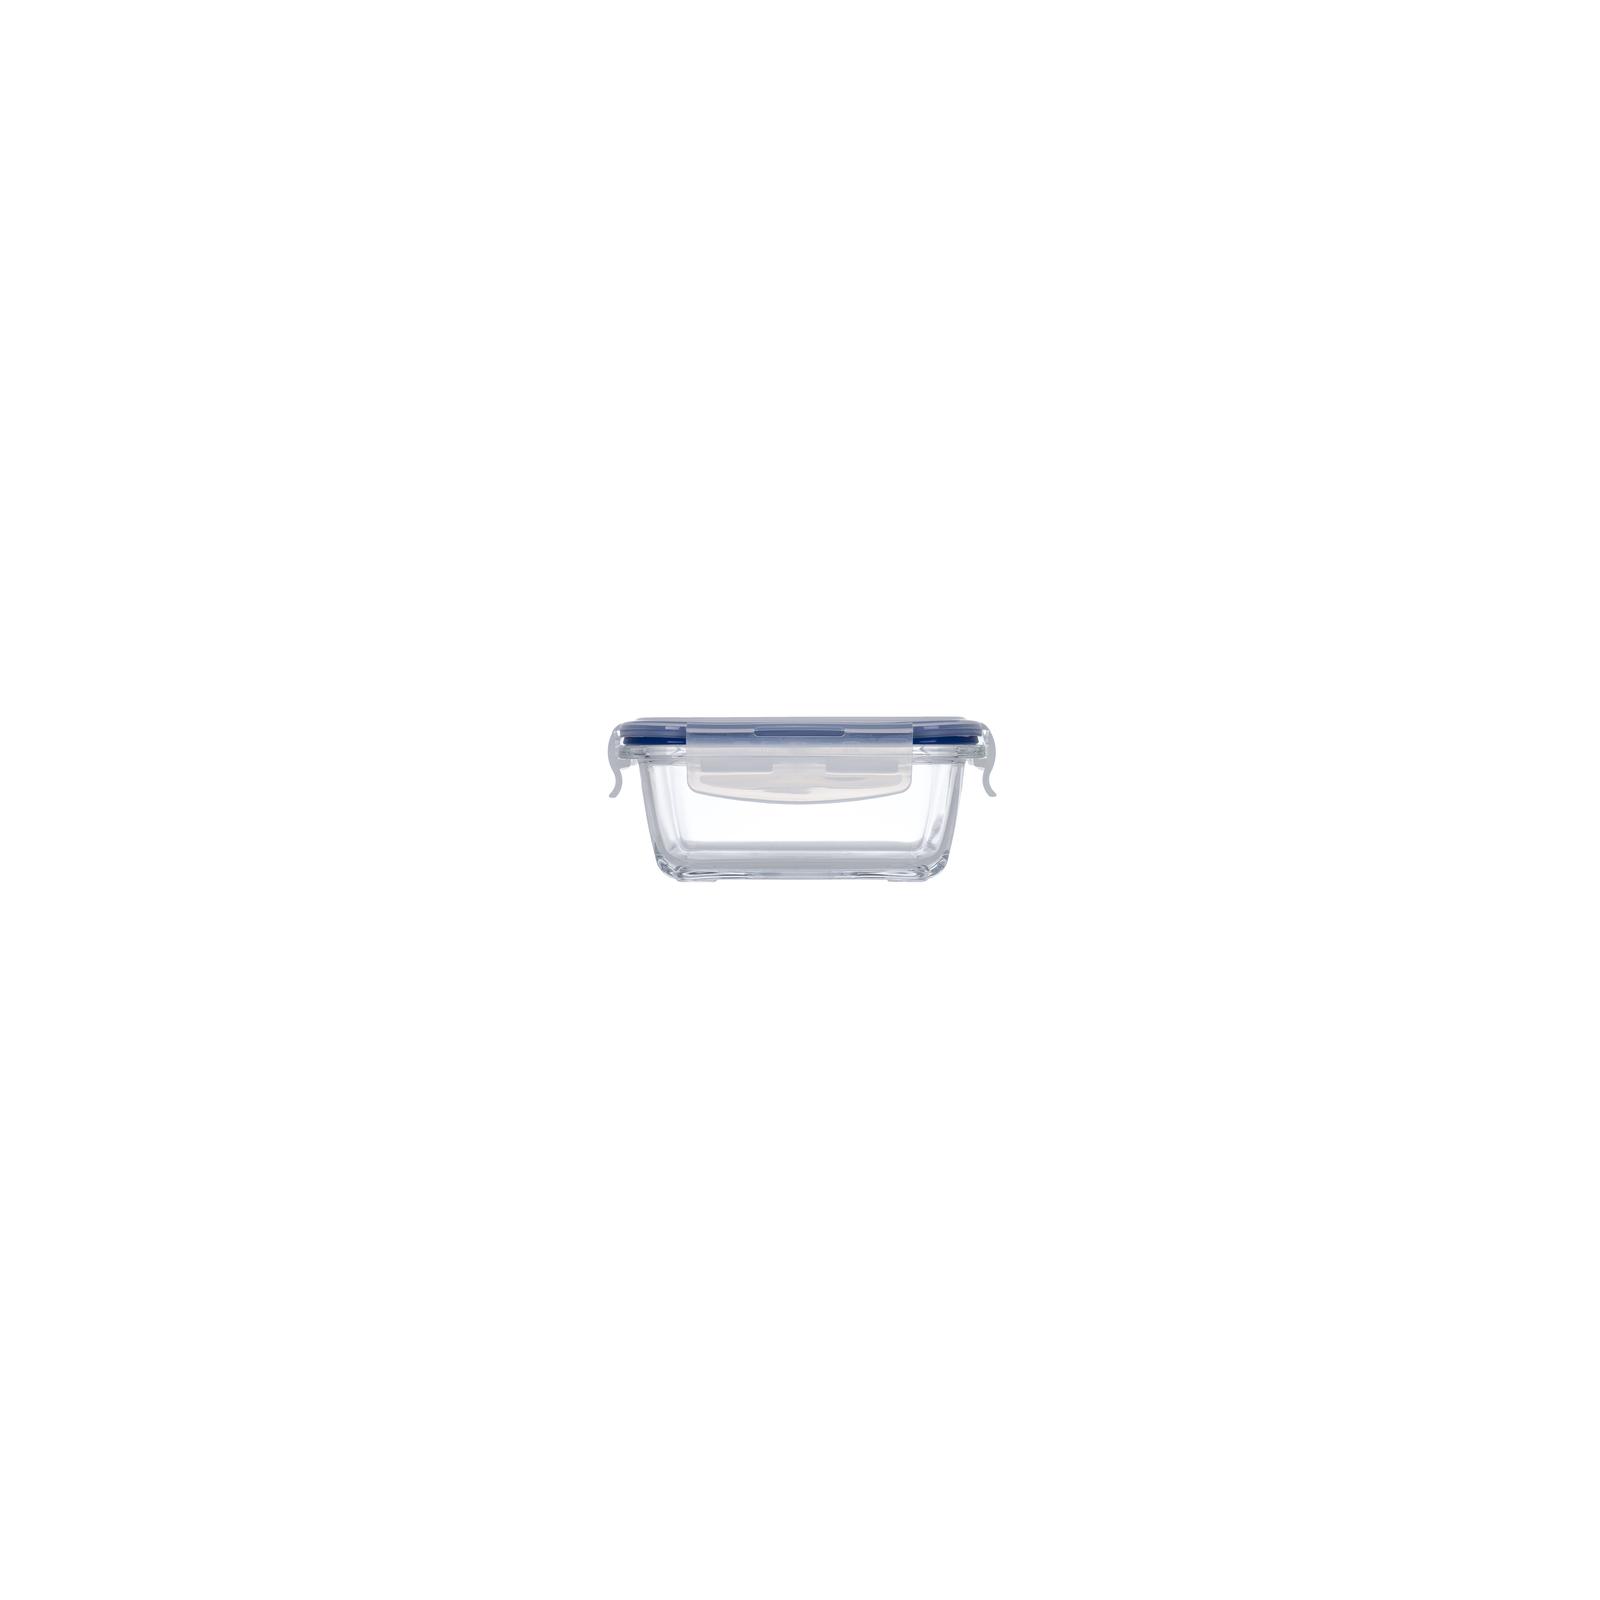 Пищевой контейнер Luminarc Pure Box Active прямоуг. 380 мл (P3546) изображение 3